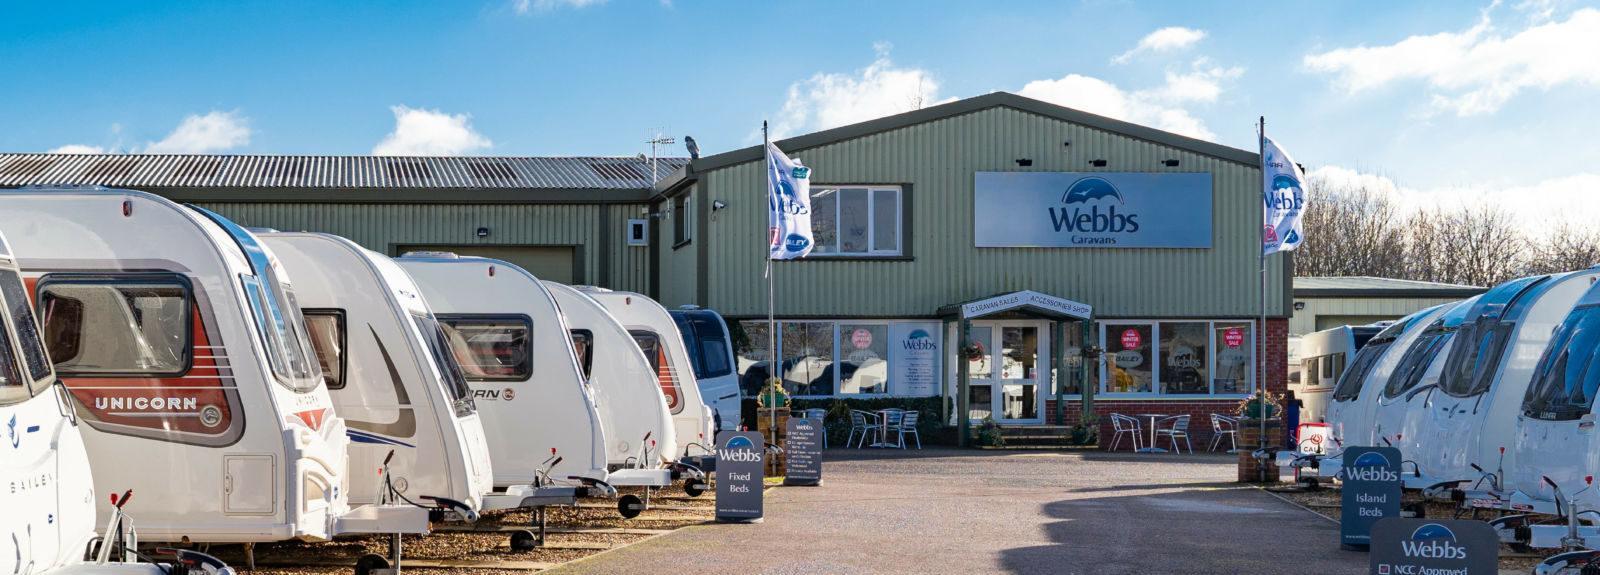 Used Caravans for Sale | Webbs Caravans | UK